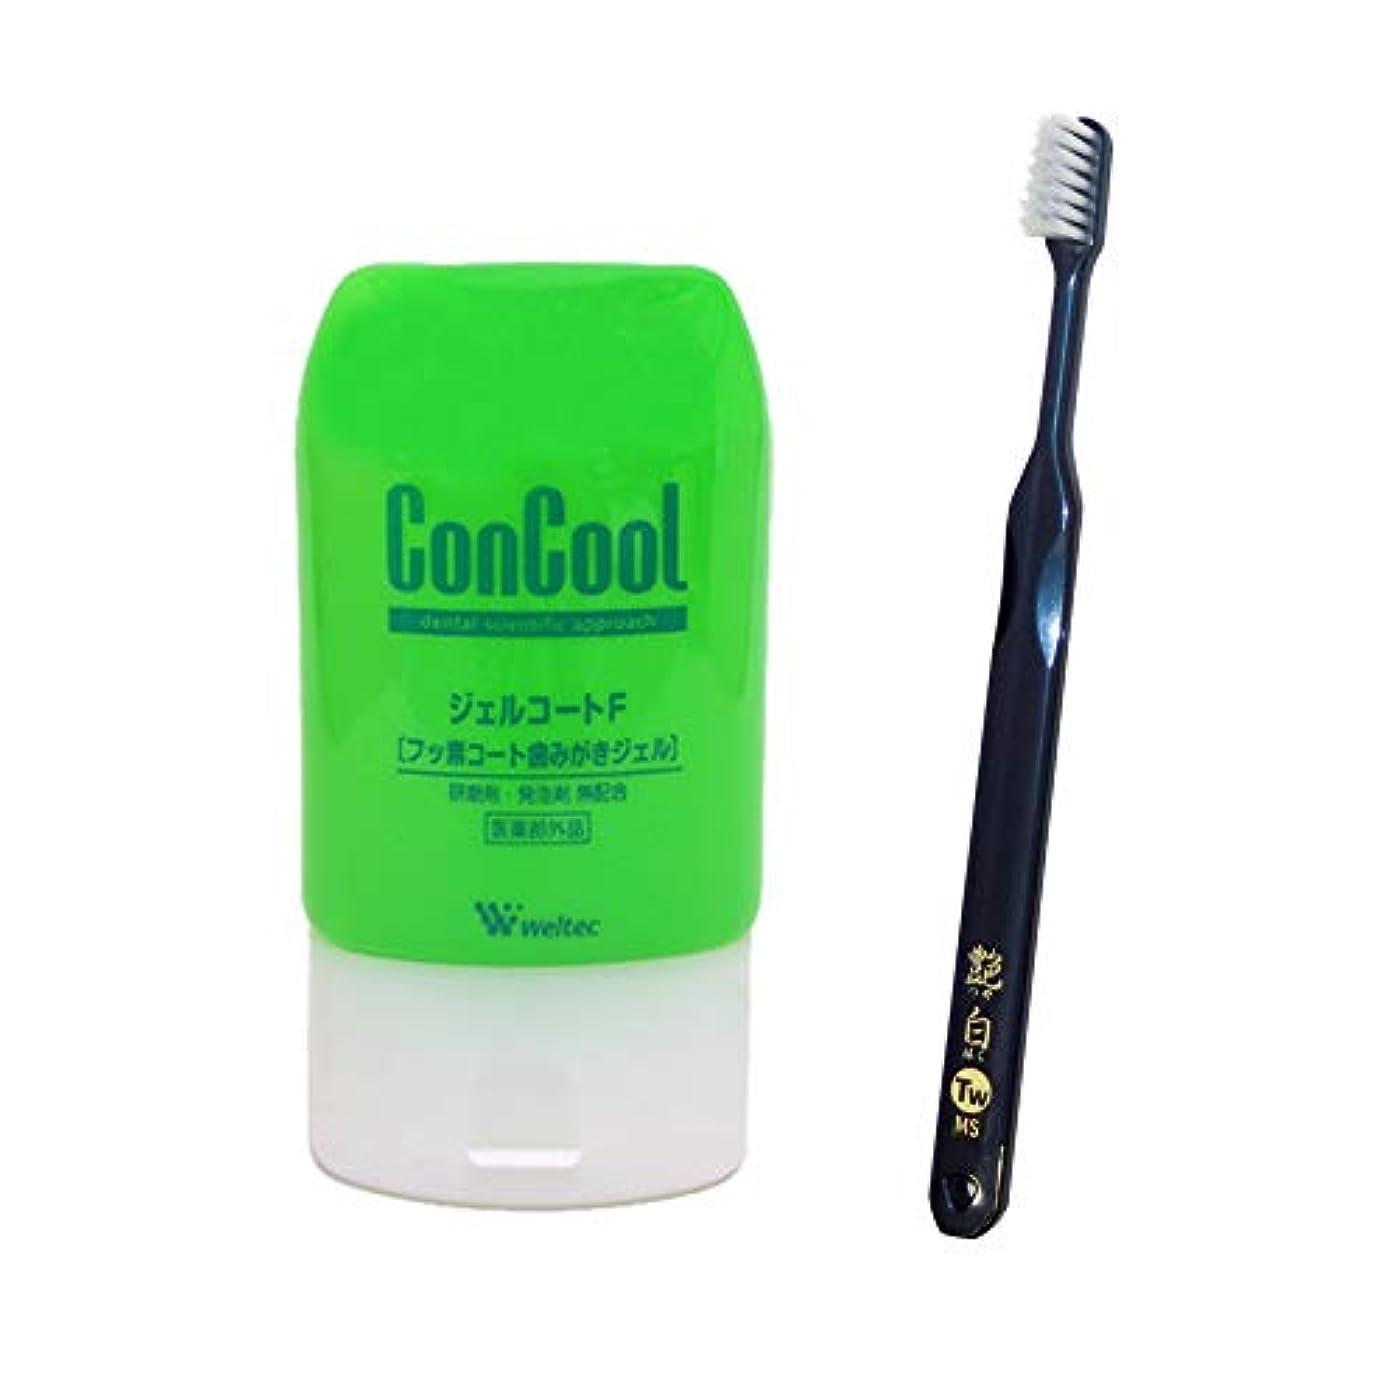 ポータブル早める足枷コンクール ジェルコートF 90g×1個 + 艶白 (つやはく) Tw ツイン (二段植毛) 歯ブラシ×1本 MS(やややわらかめ) 日本製 歯科専売品